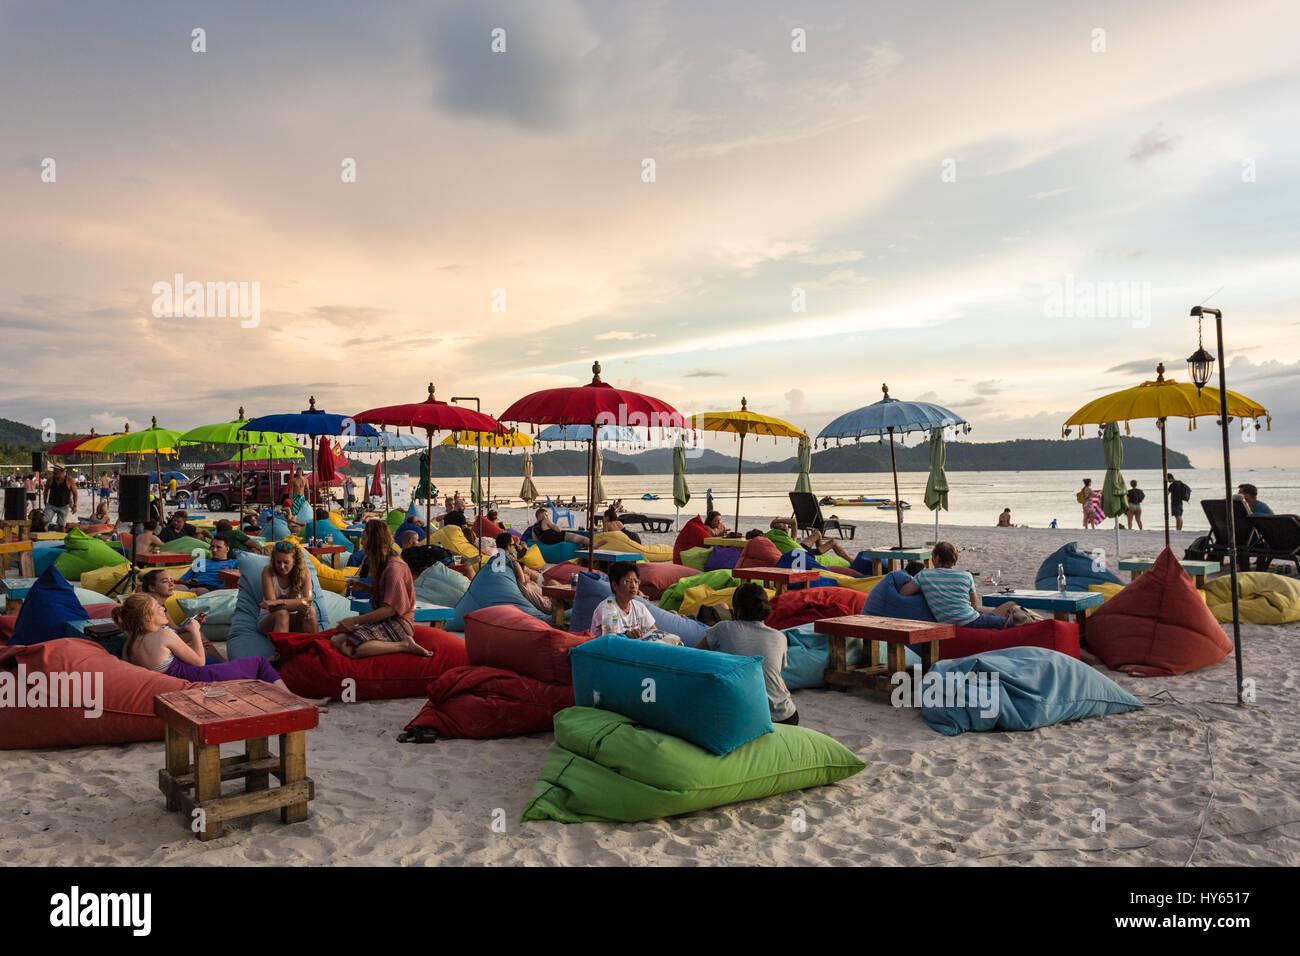 Il Langkawi, Malesia - 19 gennaio 2017: il turista a godere di un drink in un bar sulla spiaggia sulla spiaggia Immagini Stock